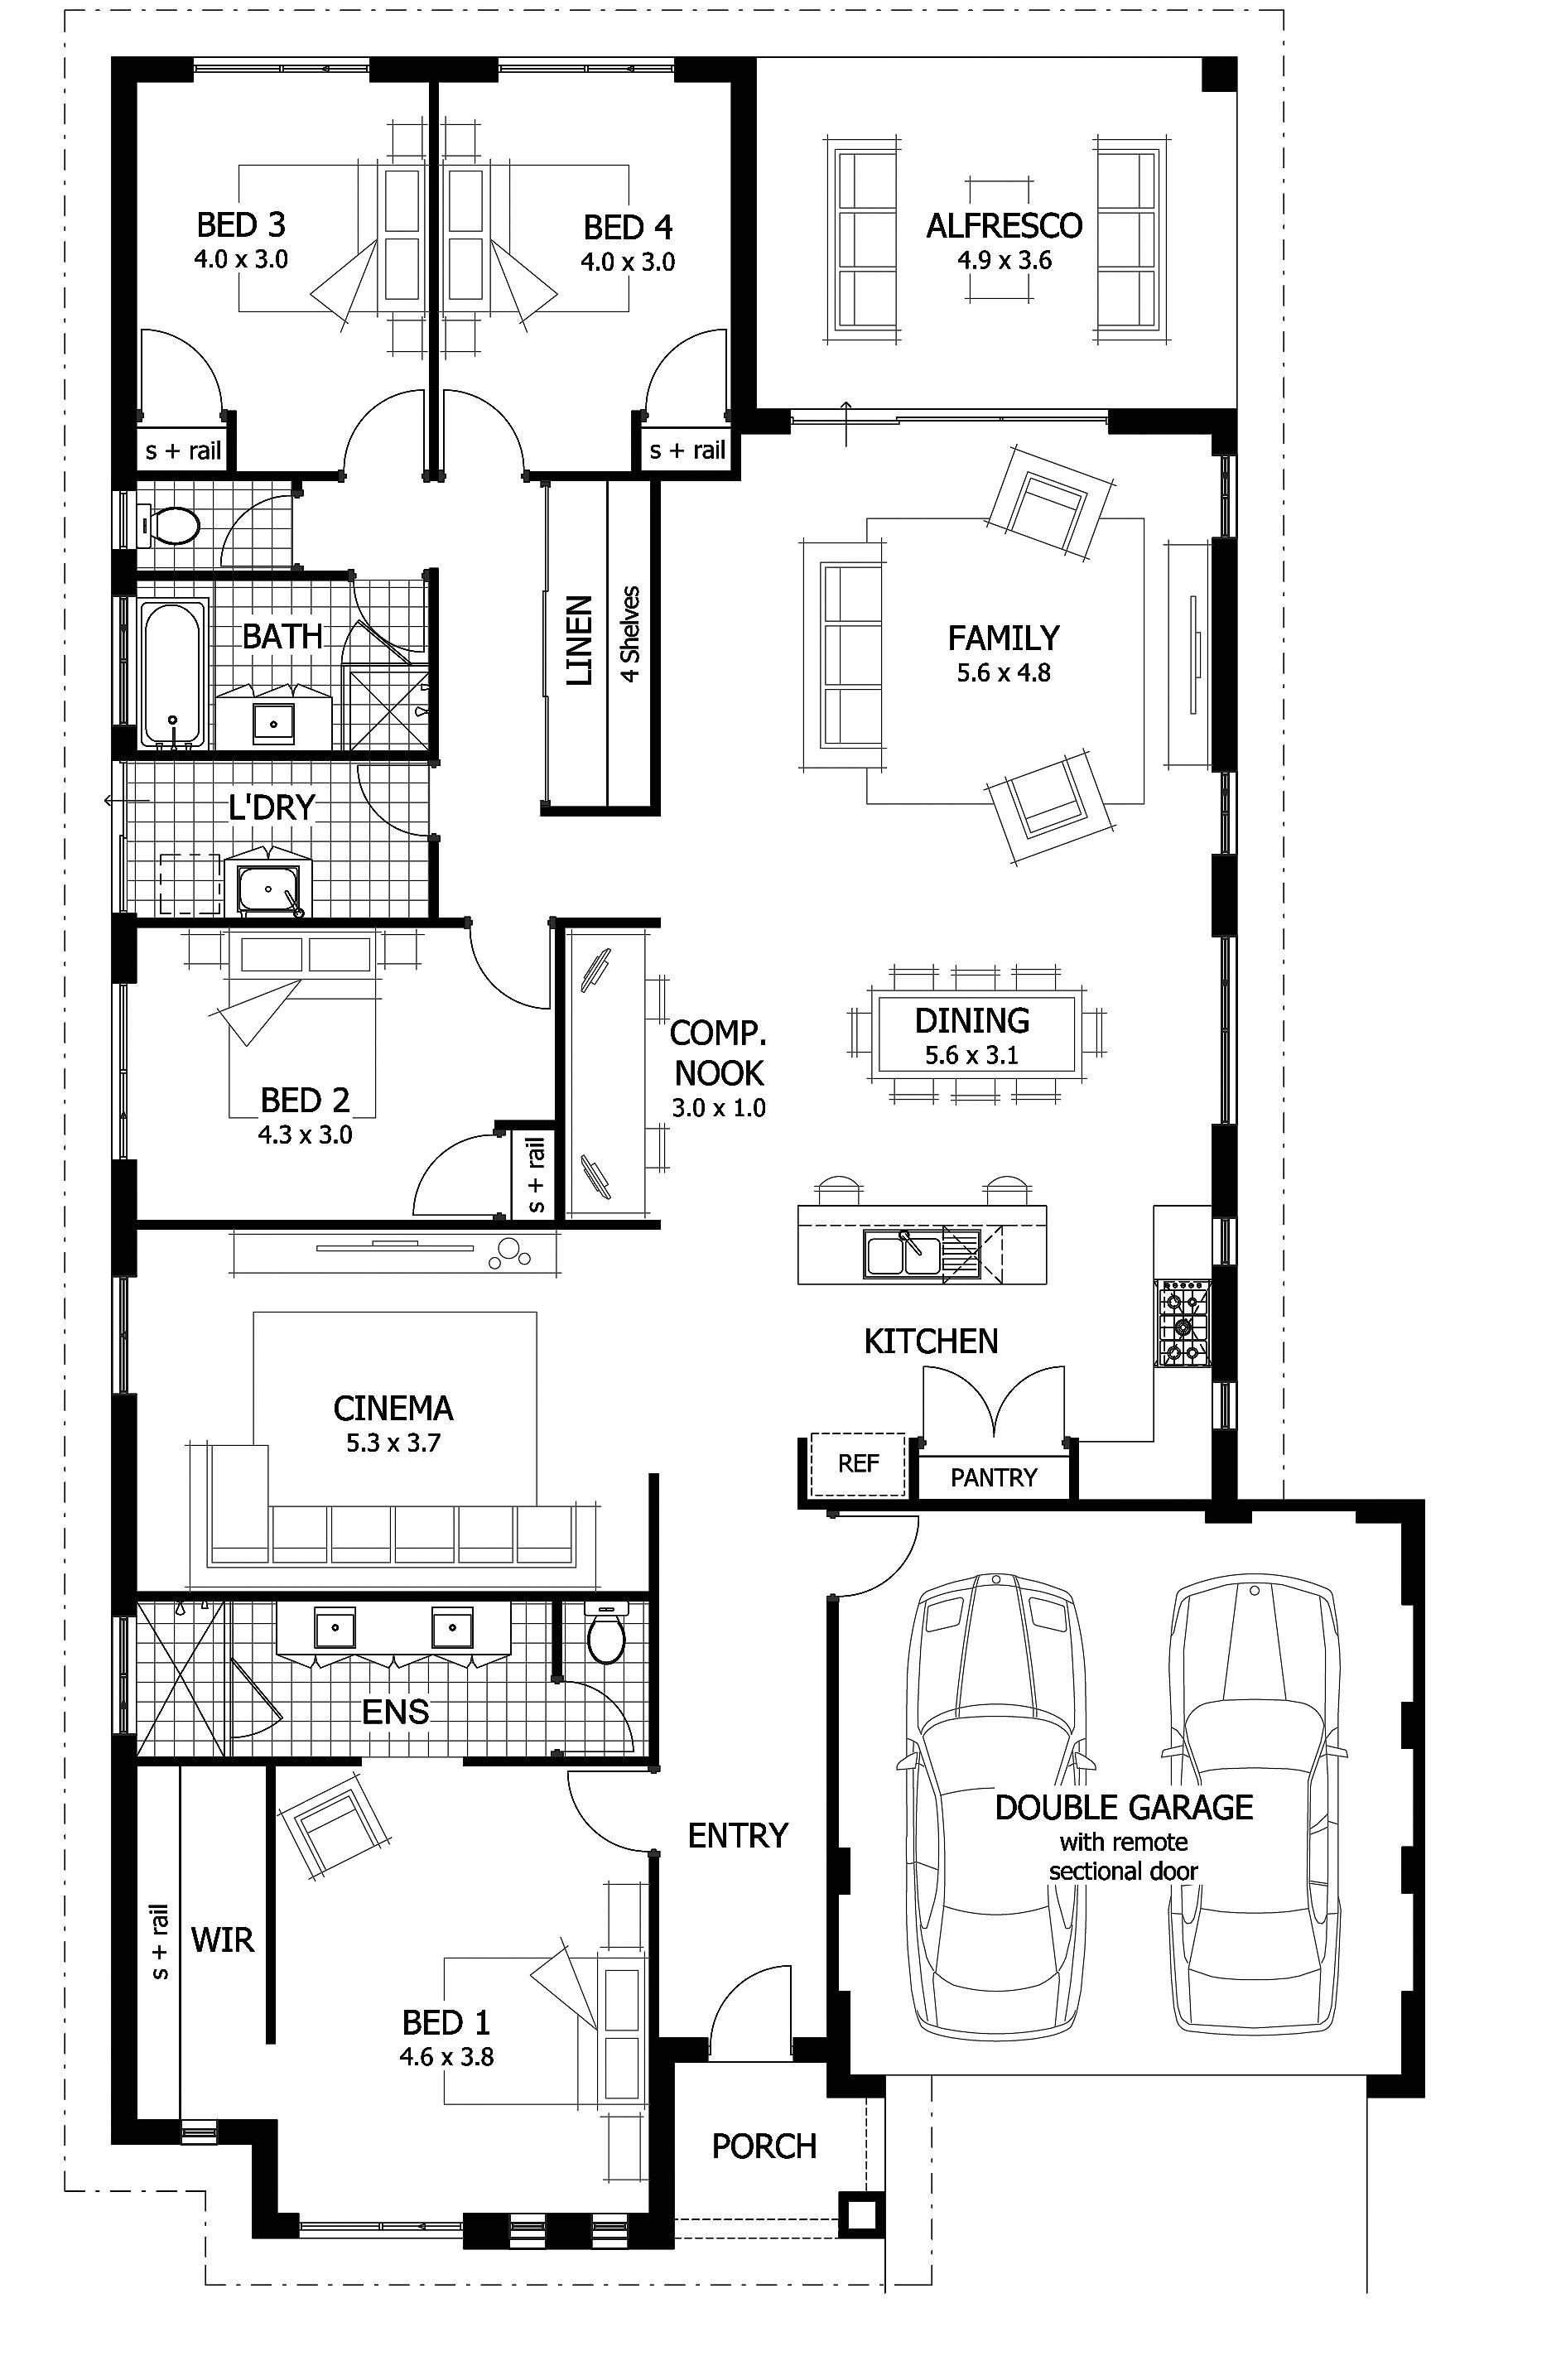 luxury home floor plans australia